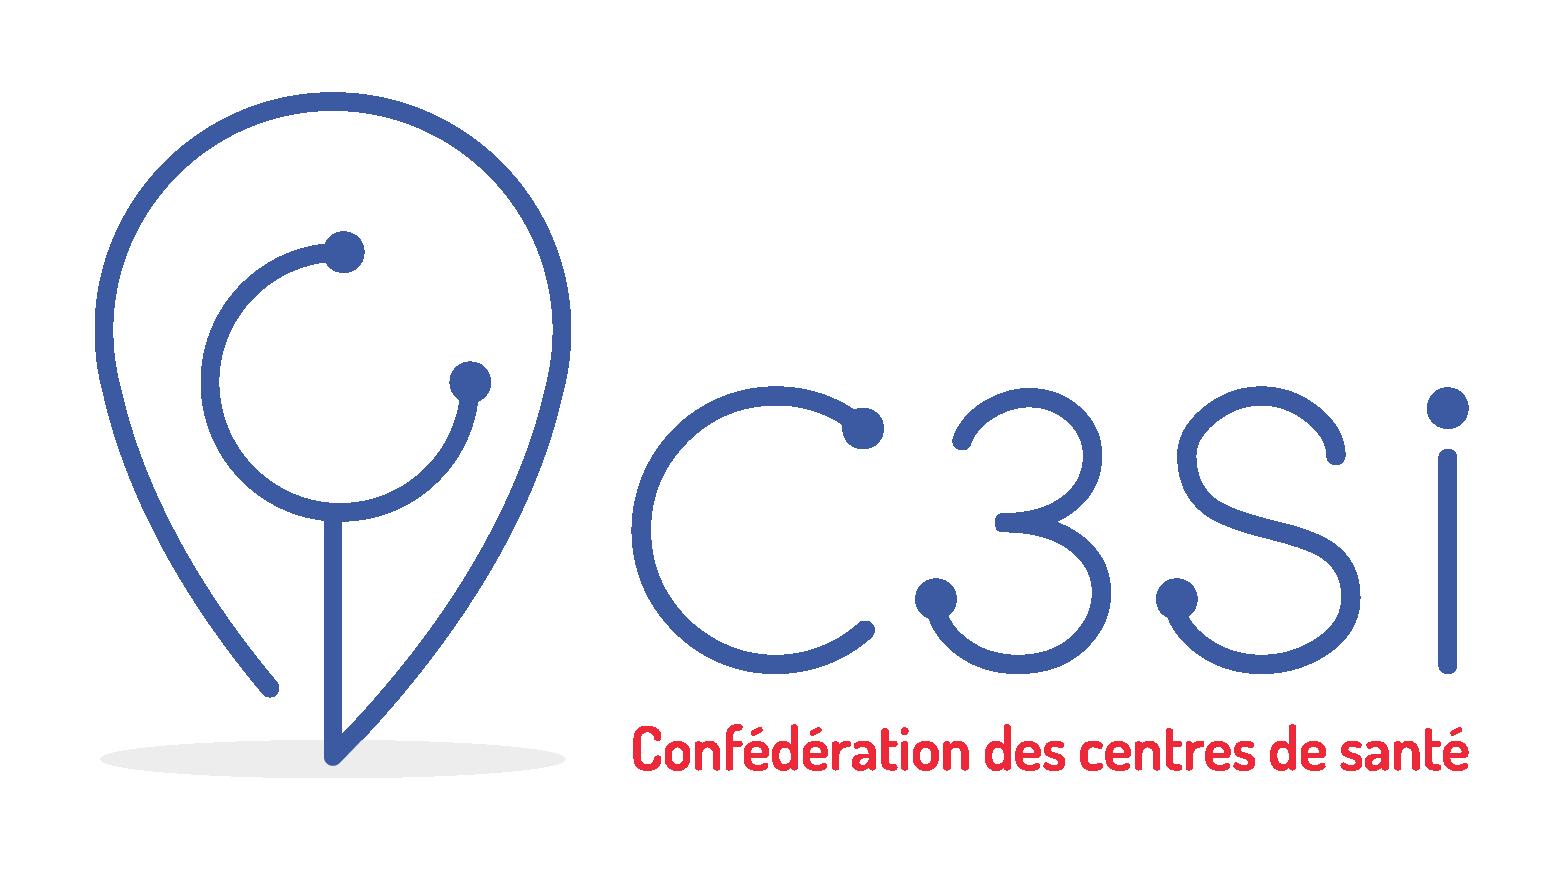 logo C3SI confédération des centres de santé